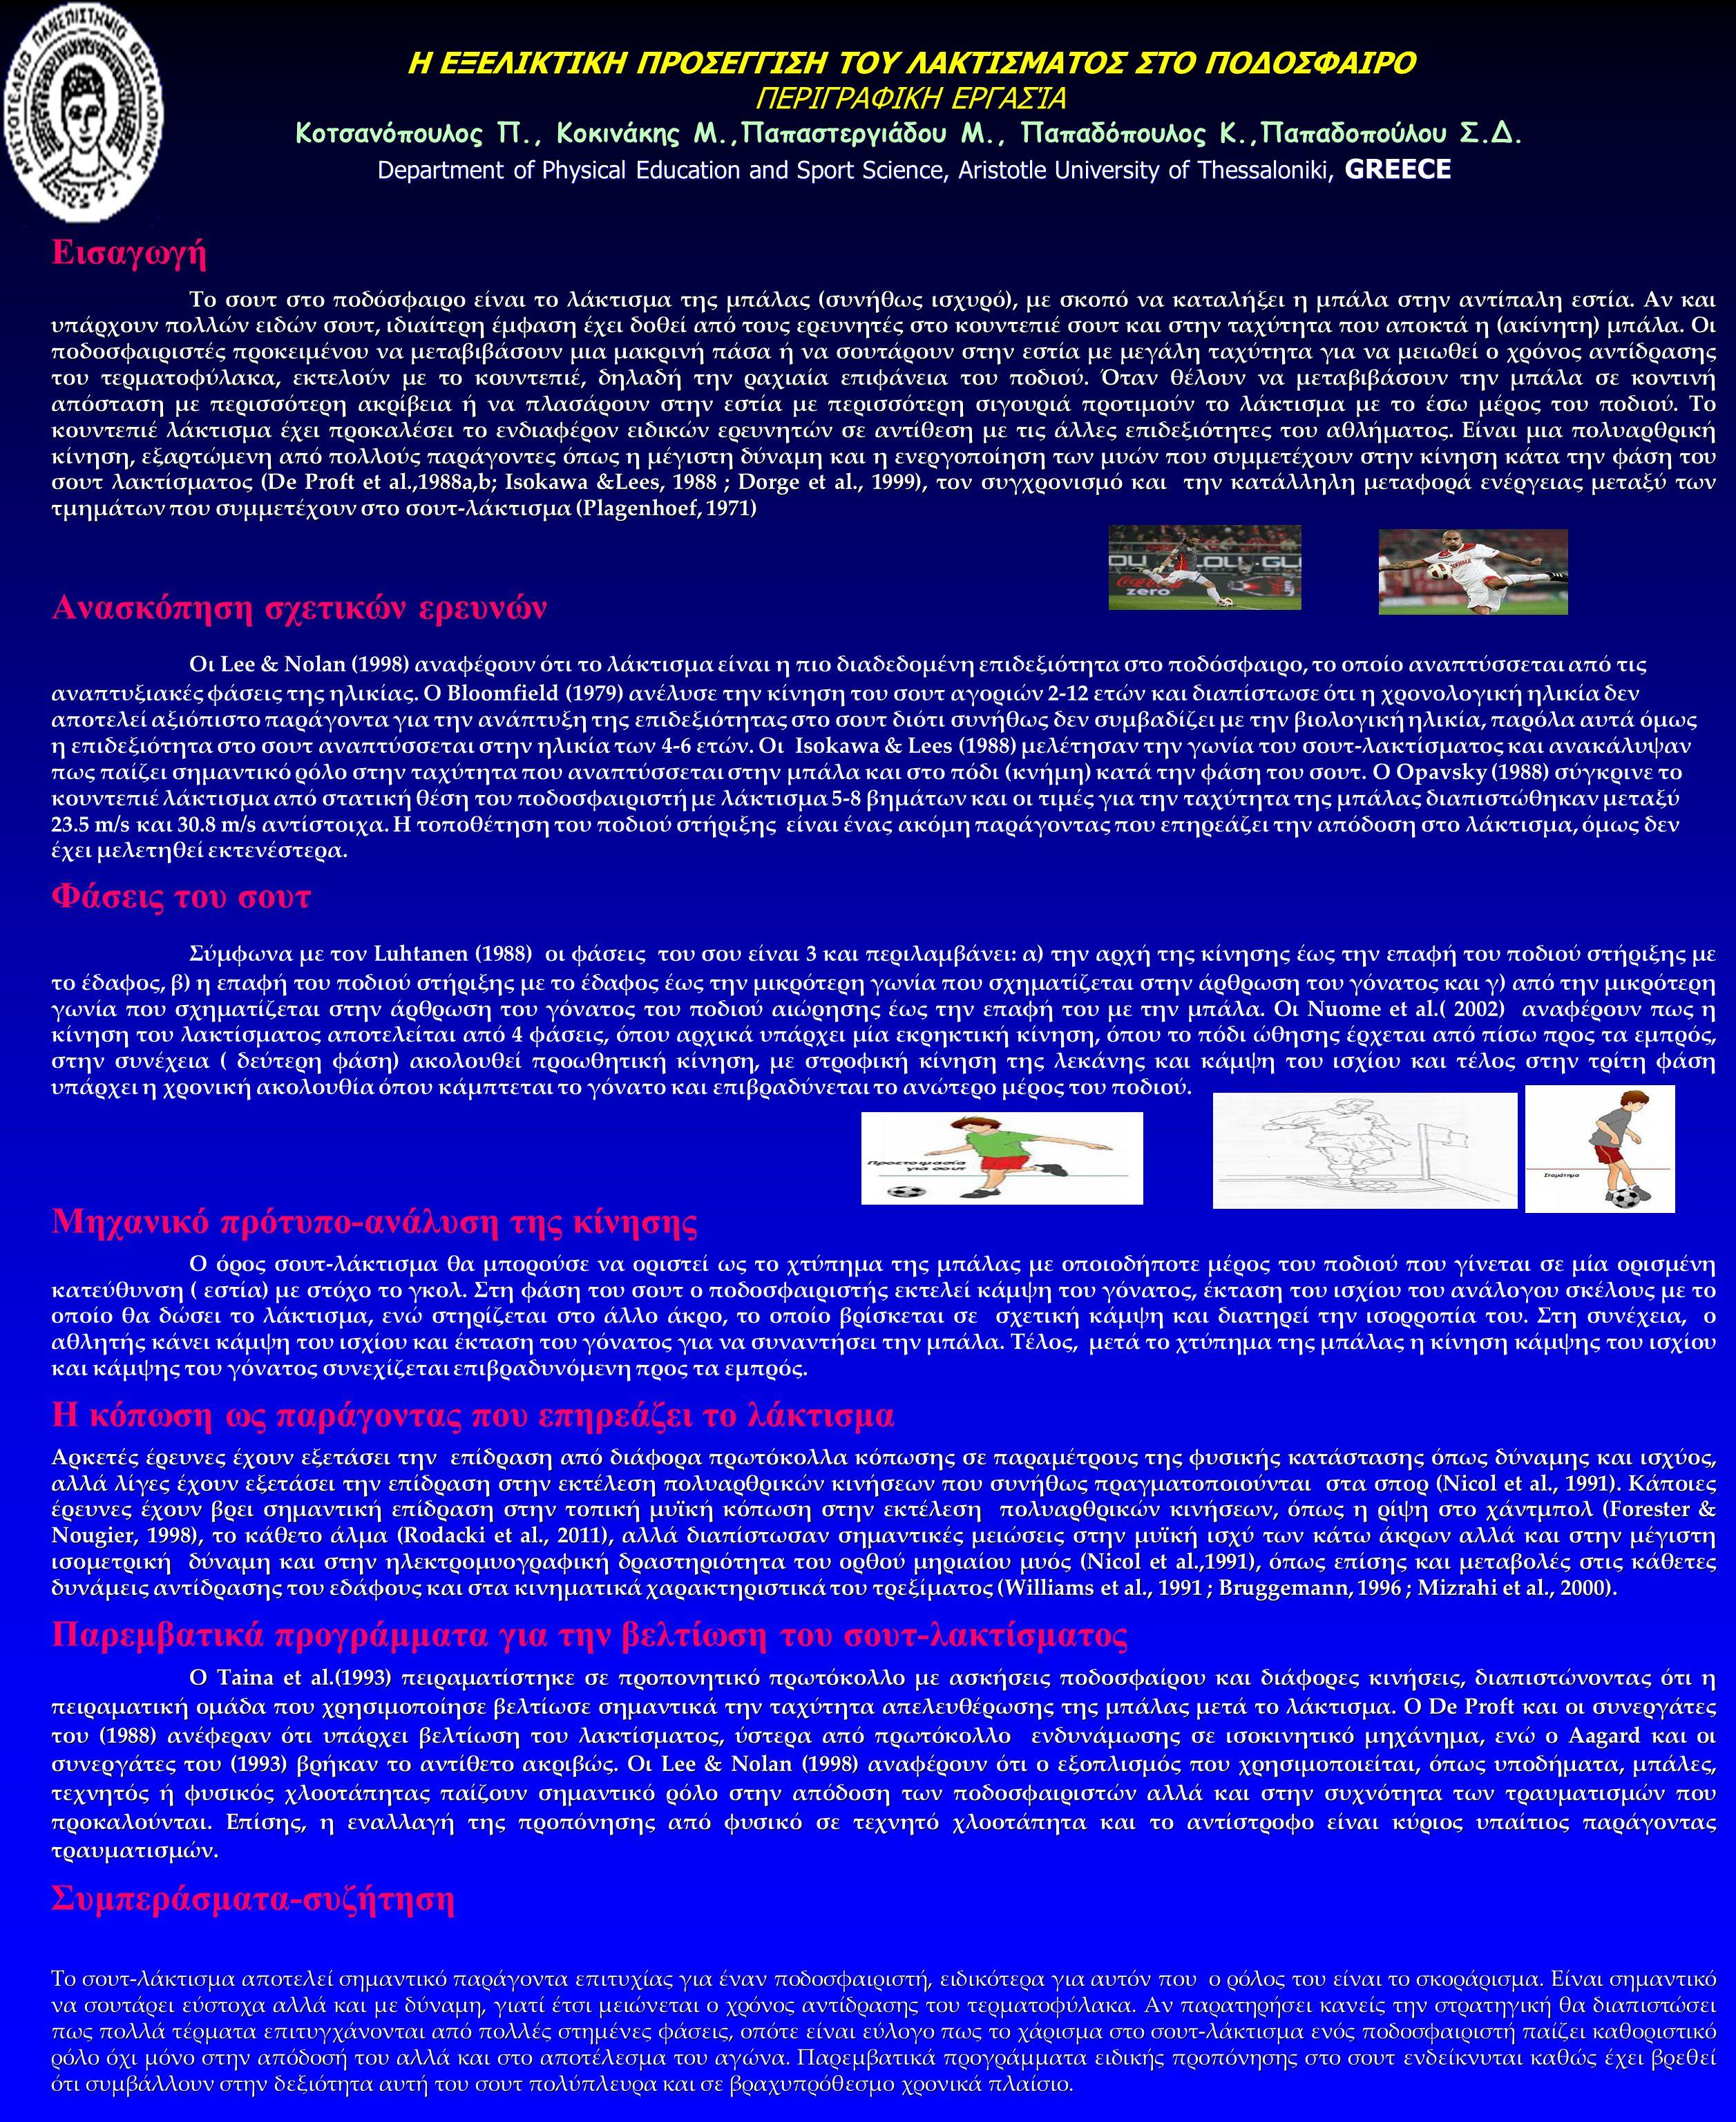 Η ΕΞΕΛΙΚΤΙΚΗ ΠΡΟΣΕΓΓΙΣΗ ΤΟΥ ΛΑΚΤΙΣΜΑΤΟΣ ΣΤΟ ΠΟΔΟΣΦΑΙΡΟ ΠΕΡΙΓΡΑΦΙΚΗ ΕΡΓΑΣΊΑ Department of Physical Education and Sport Science, Aristotle University of